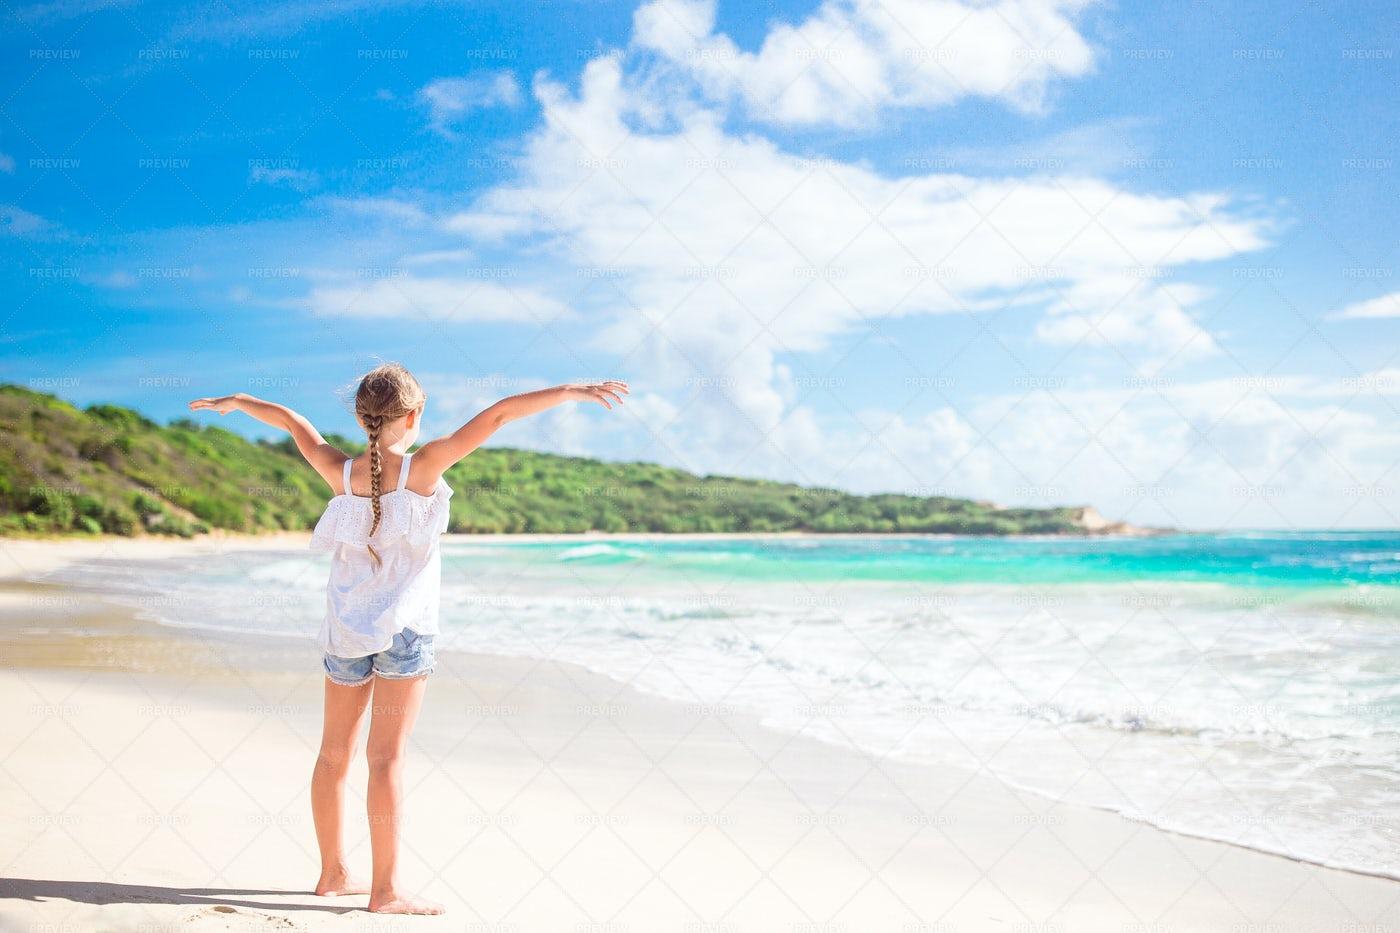 Young Girl Enjoys The Beach: Stock Photos